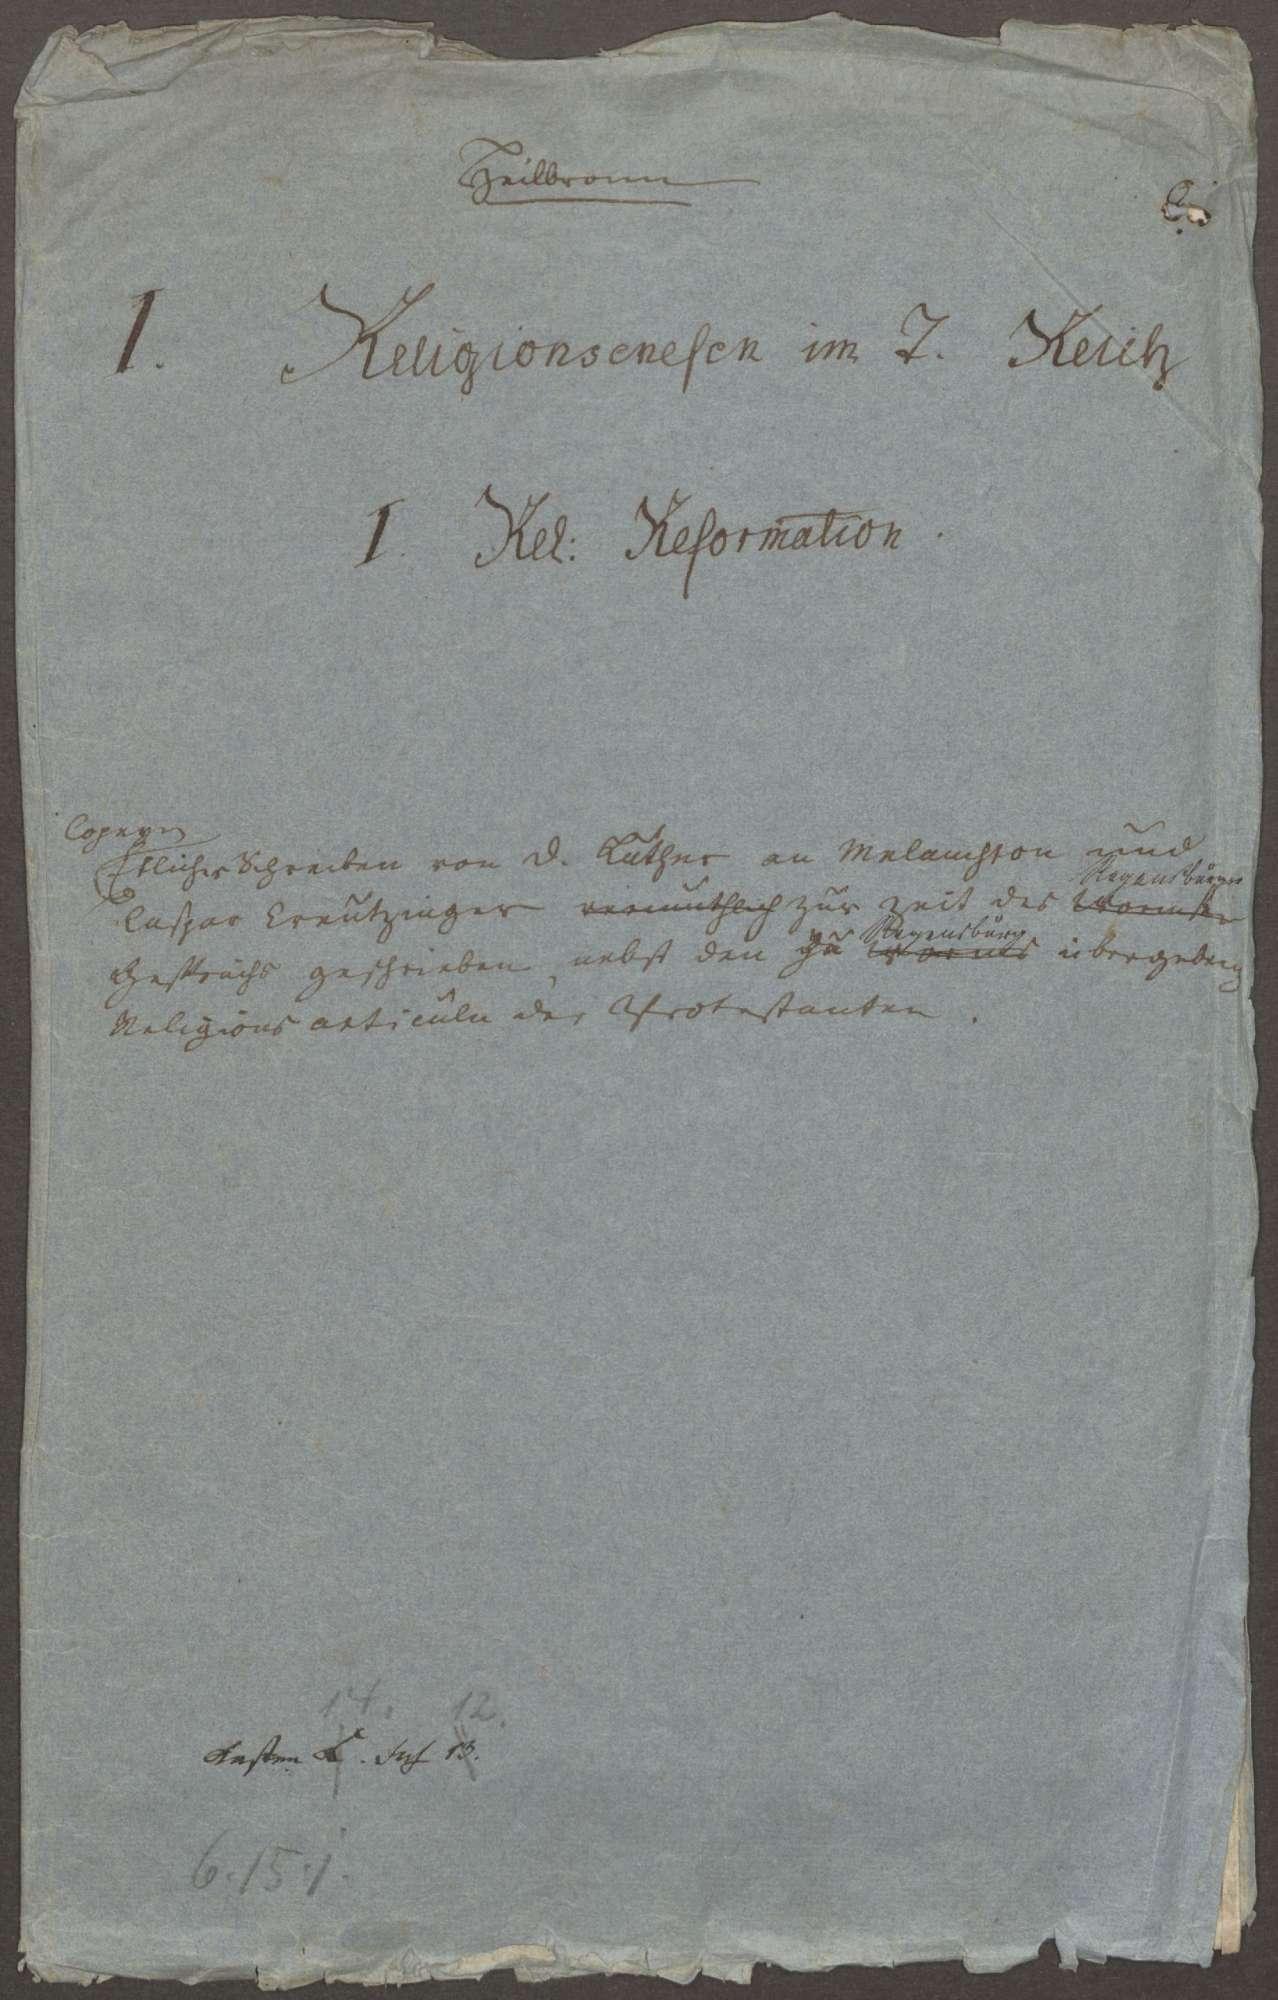 Schreiben von Luther an Melanchthon und Kaspar Kreuzinger, vermutlich zur Zeit des Wormser Gesprächs geschrieben, nebst den zu Worms übergebenen Religionsartikeln der Protestanten (Abschriften), Bild 1